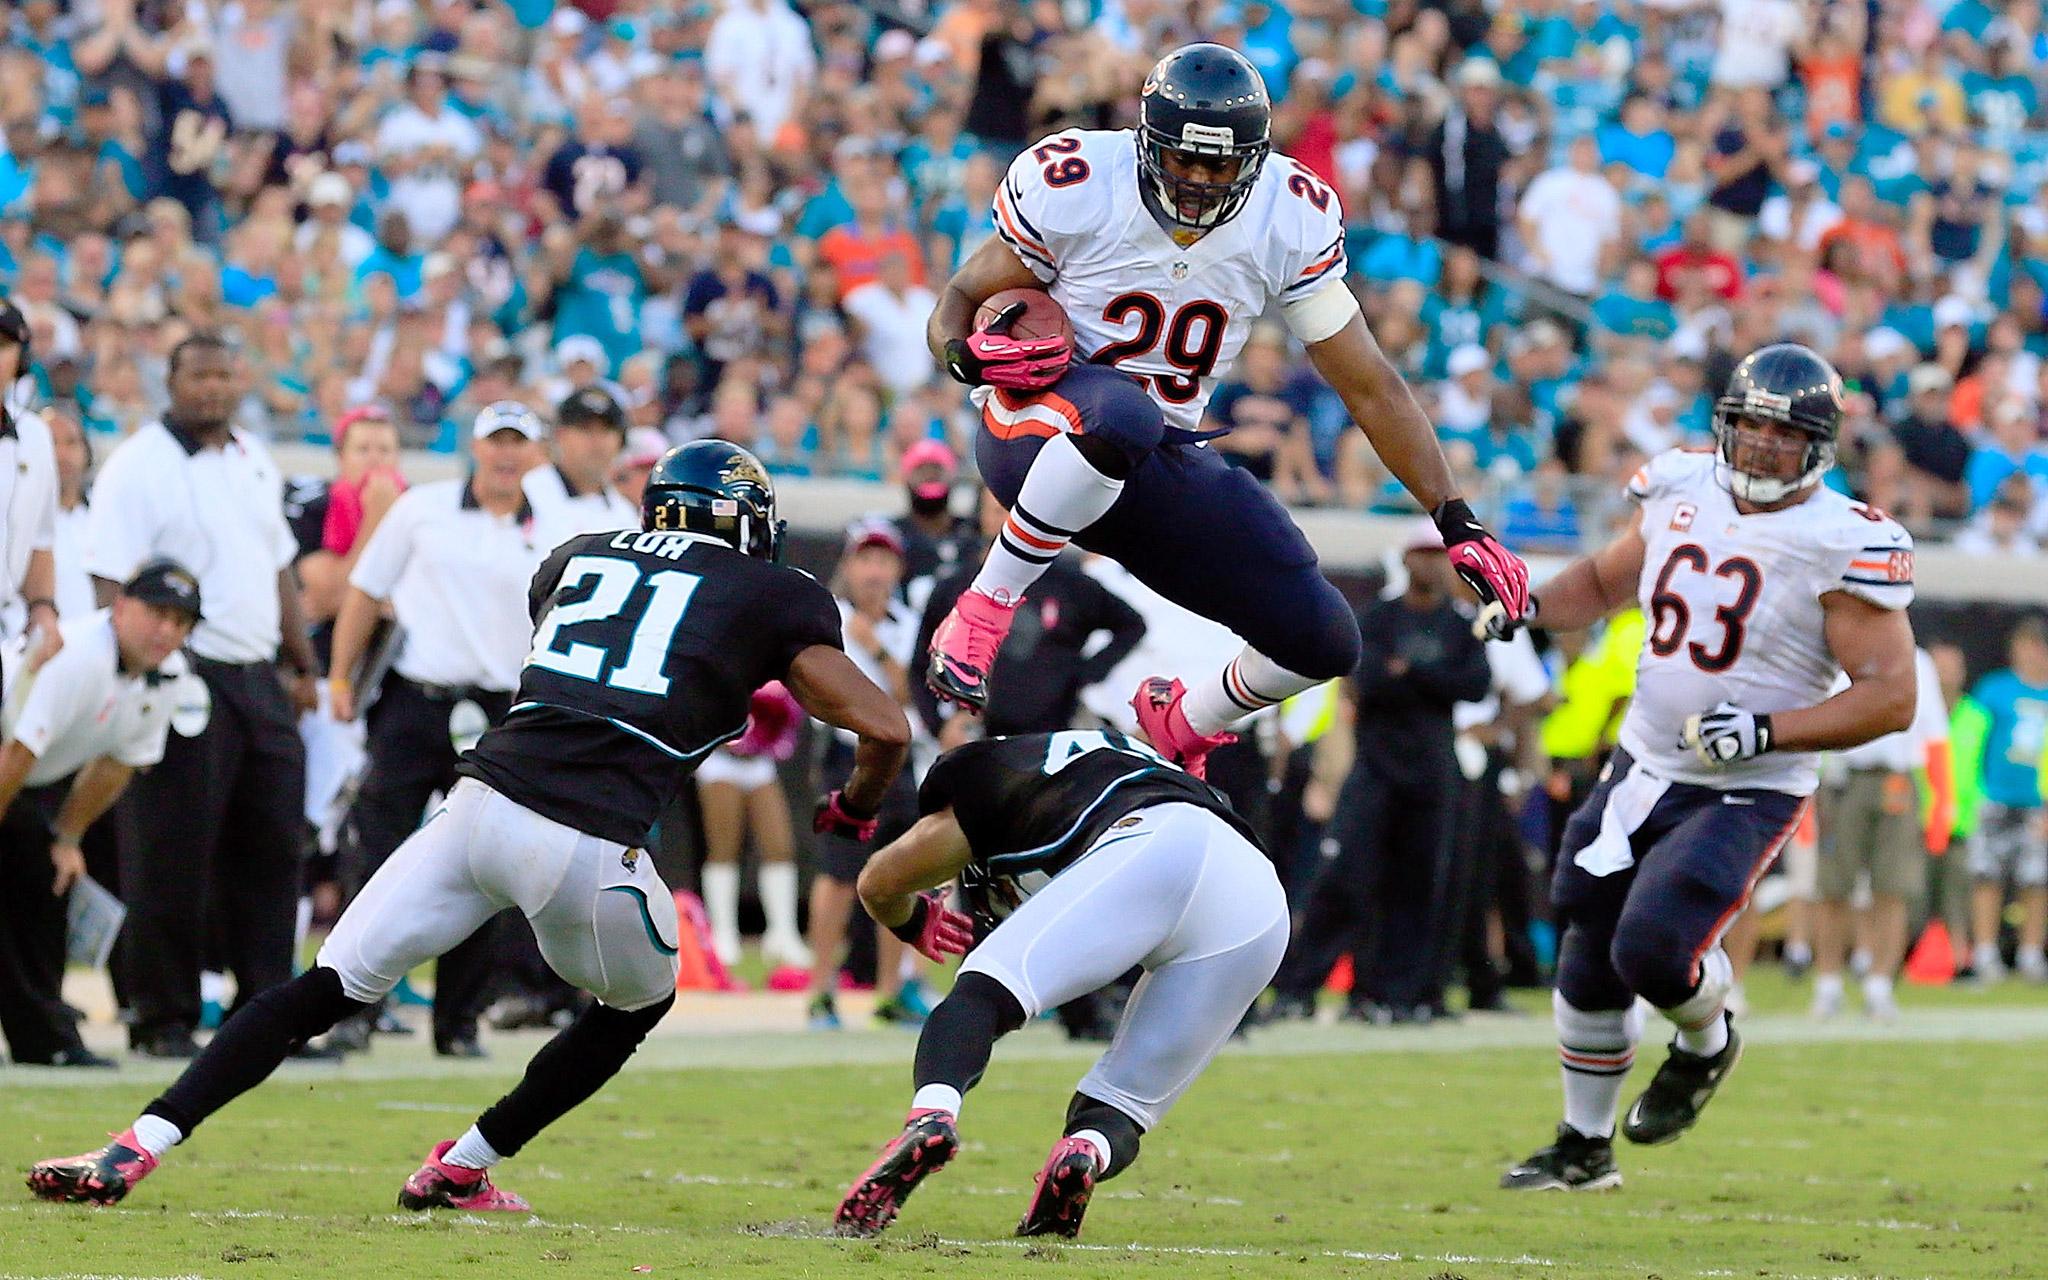 Dominating Bears - NFL Week 5 Gallery - ESPN